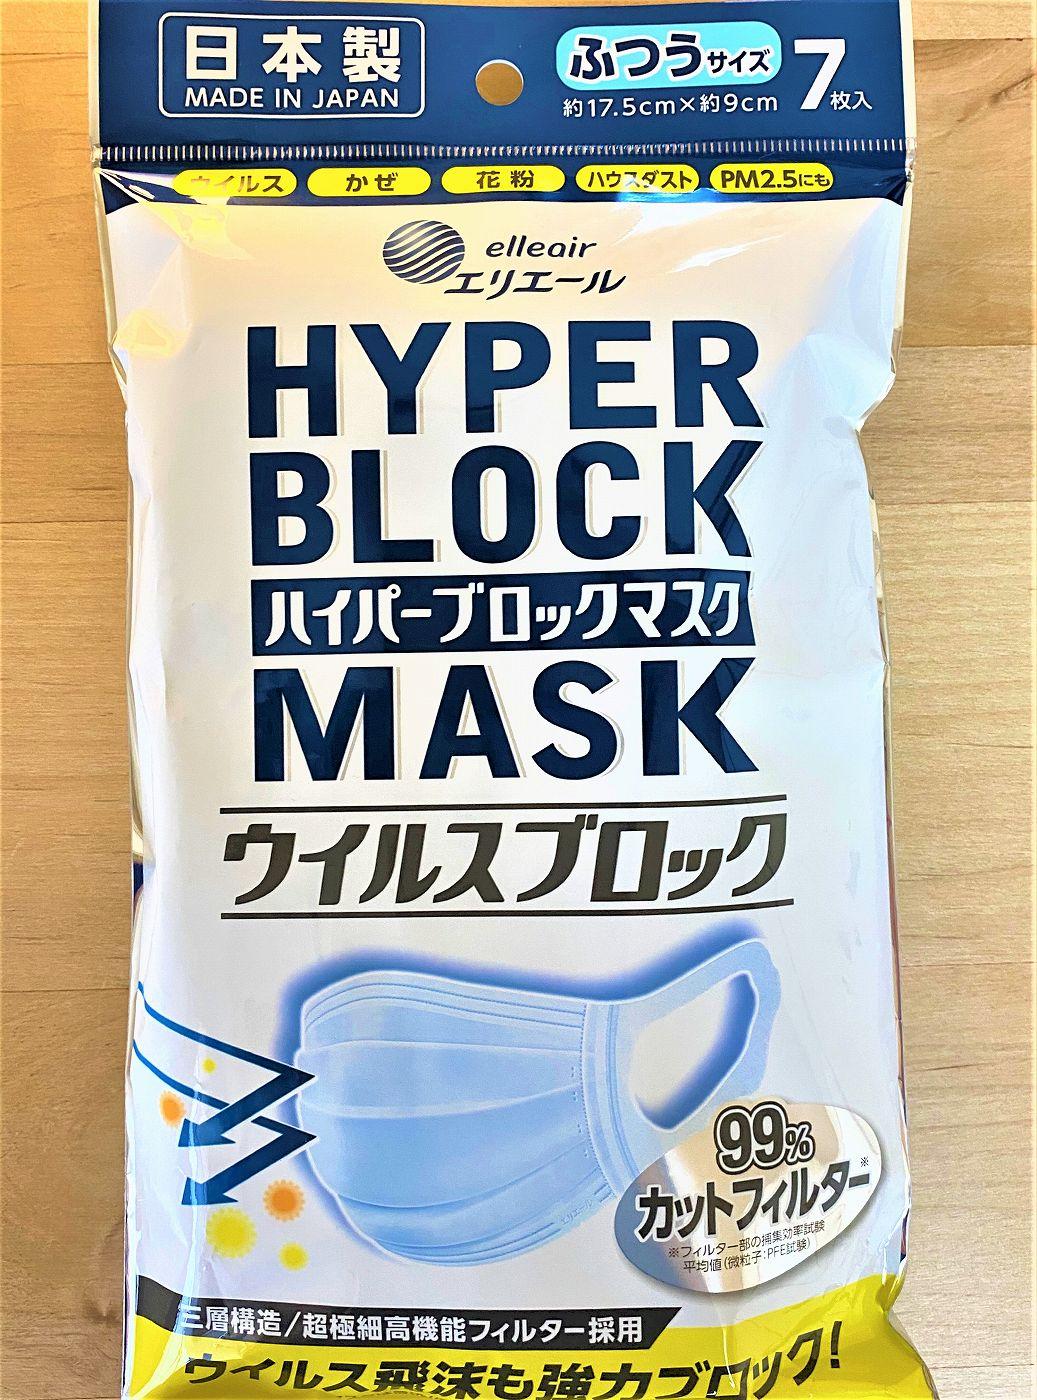 ハイパー マスク エリエール ブロック